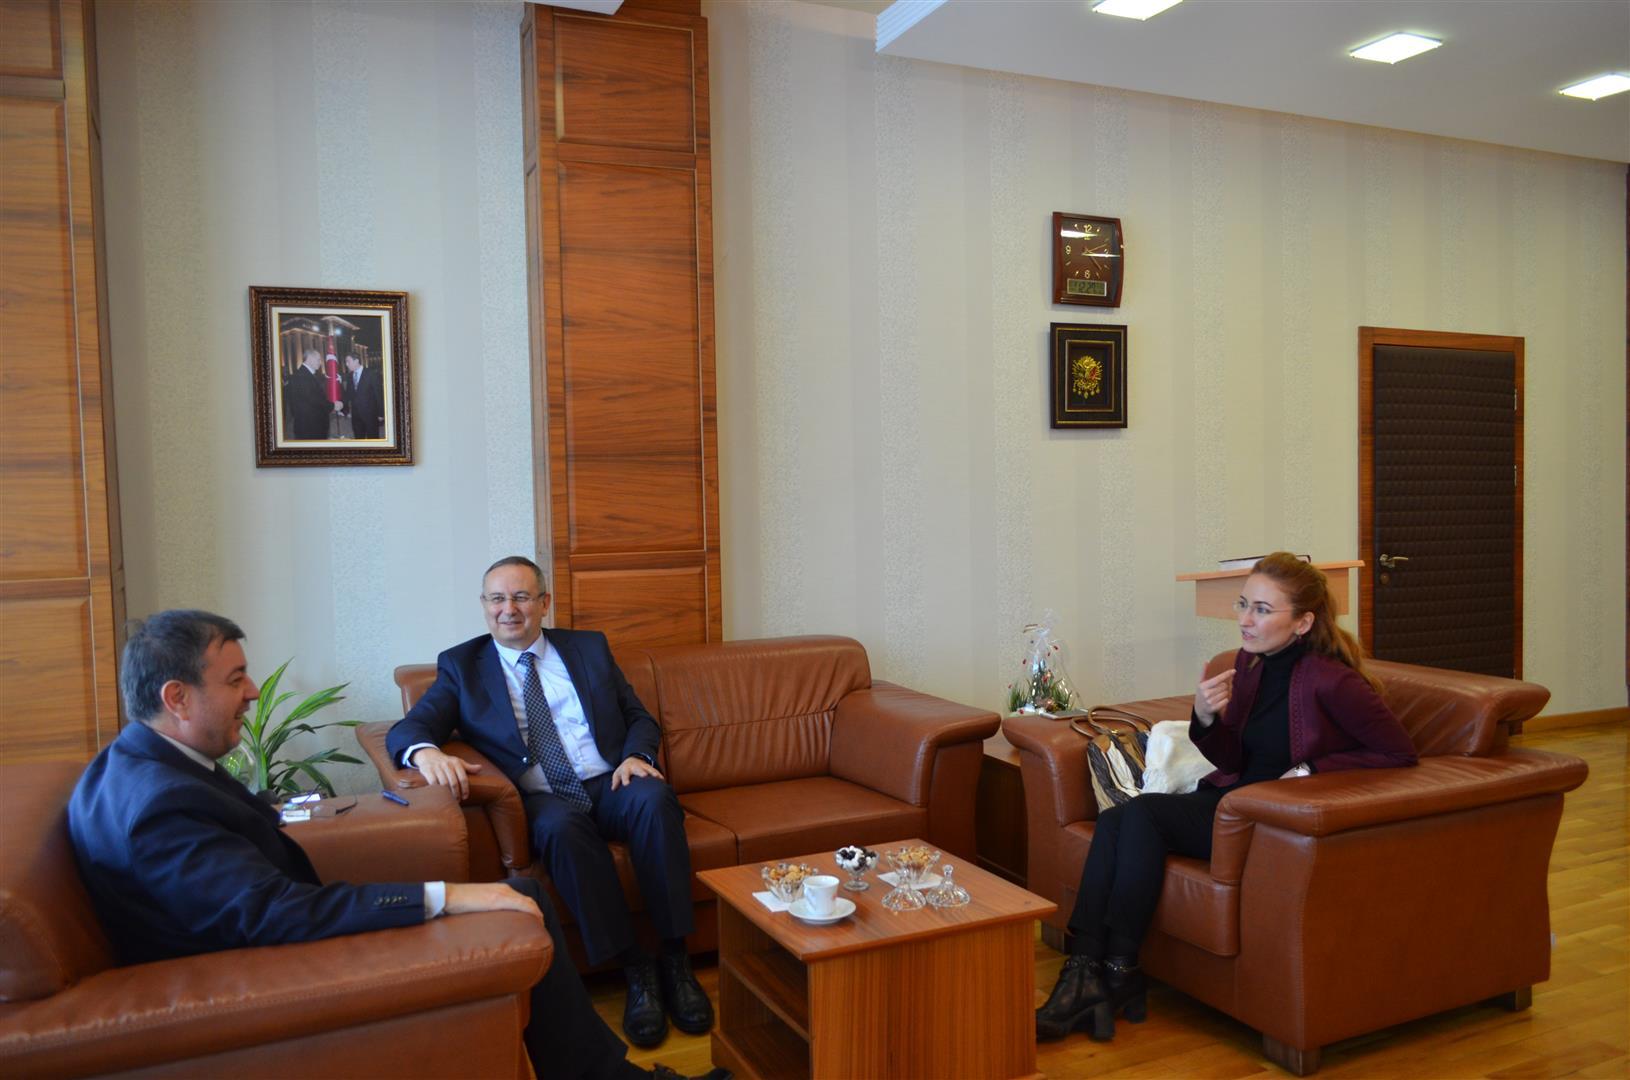 ASELSAN Genel Müdür Yardımcısı Mustafa Kaval, Rektör Ayrancı'yı Makamında Ziyaret Etti Resim